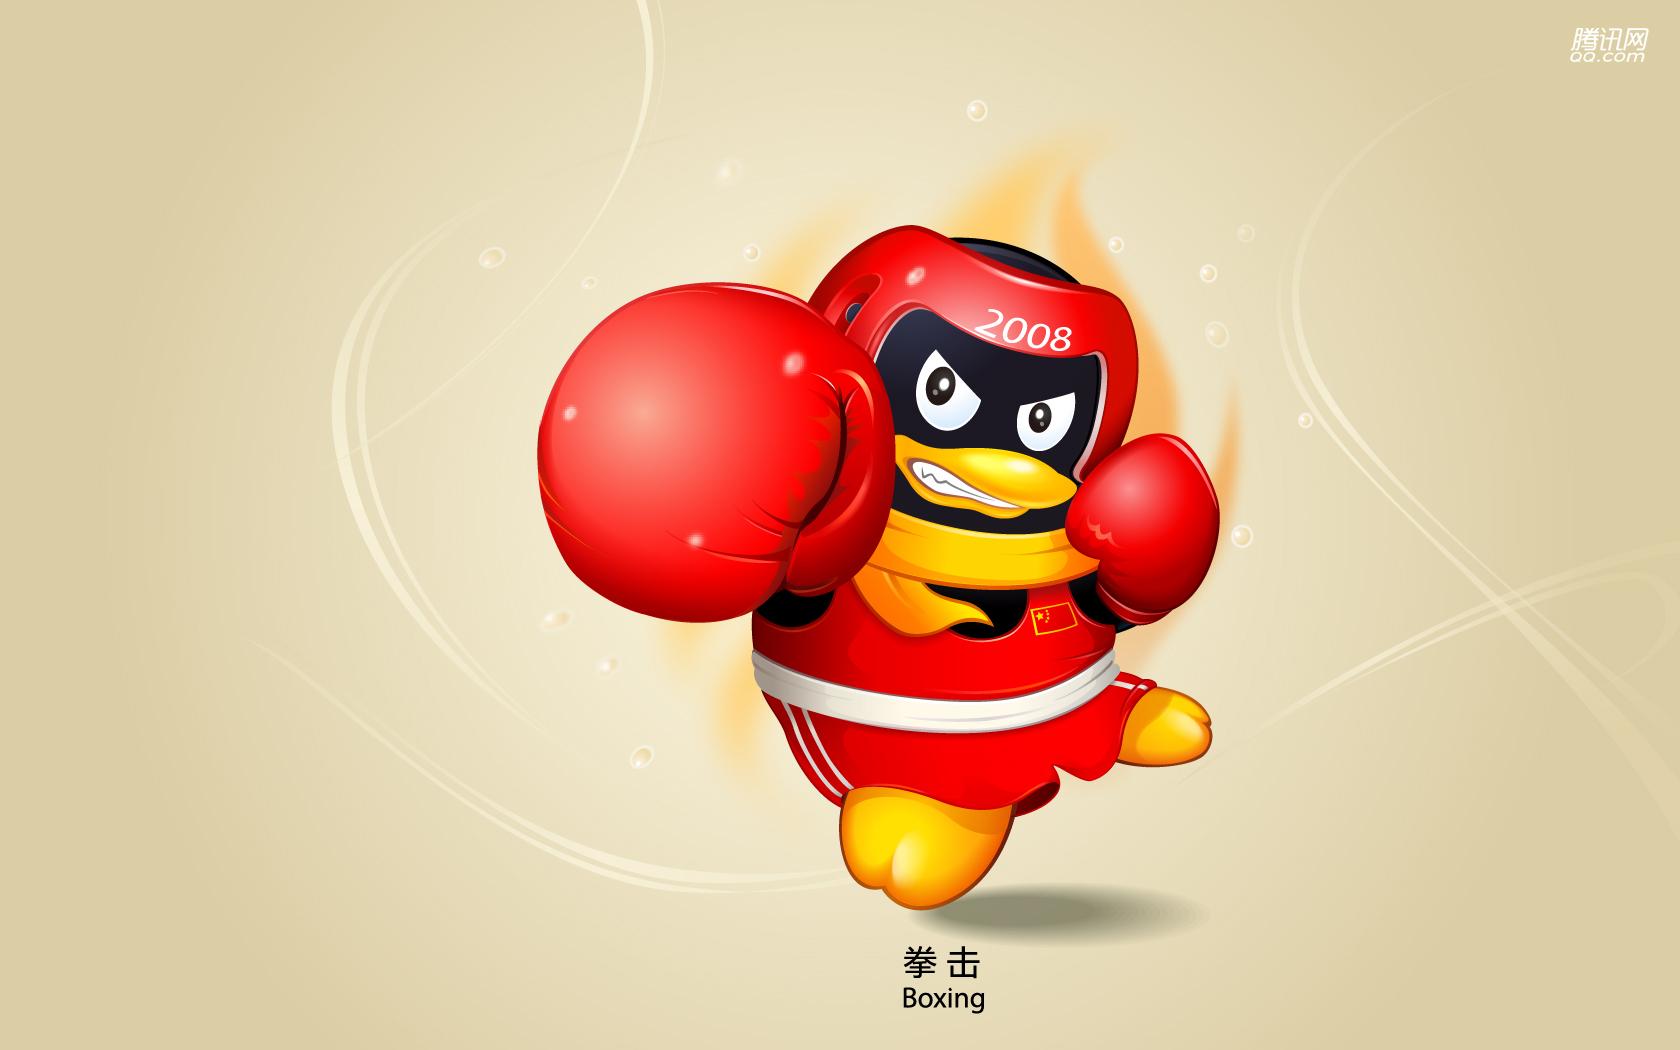 Пекин олимпиада 2008, символ, пингвин, бокс, скачать фото, обои для рабочего стола